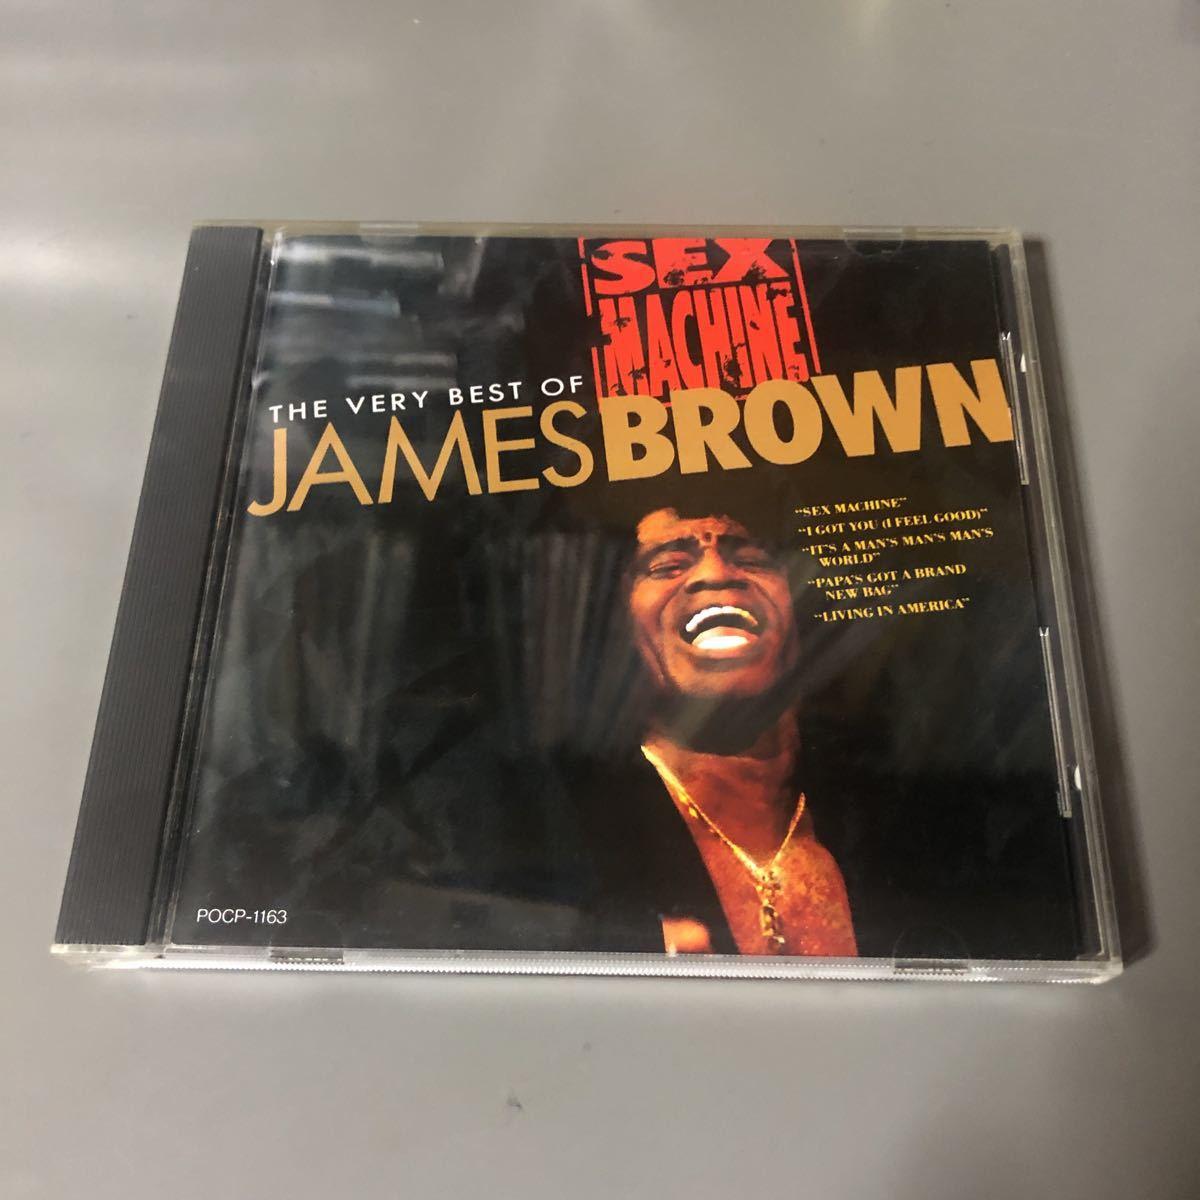 ジェームス・ブラウン セックス・マシーン ベリー・ベスト・オブ 国内盤CD